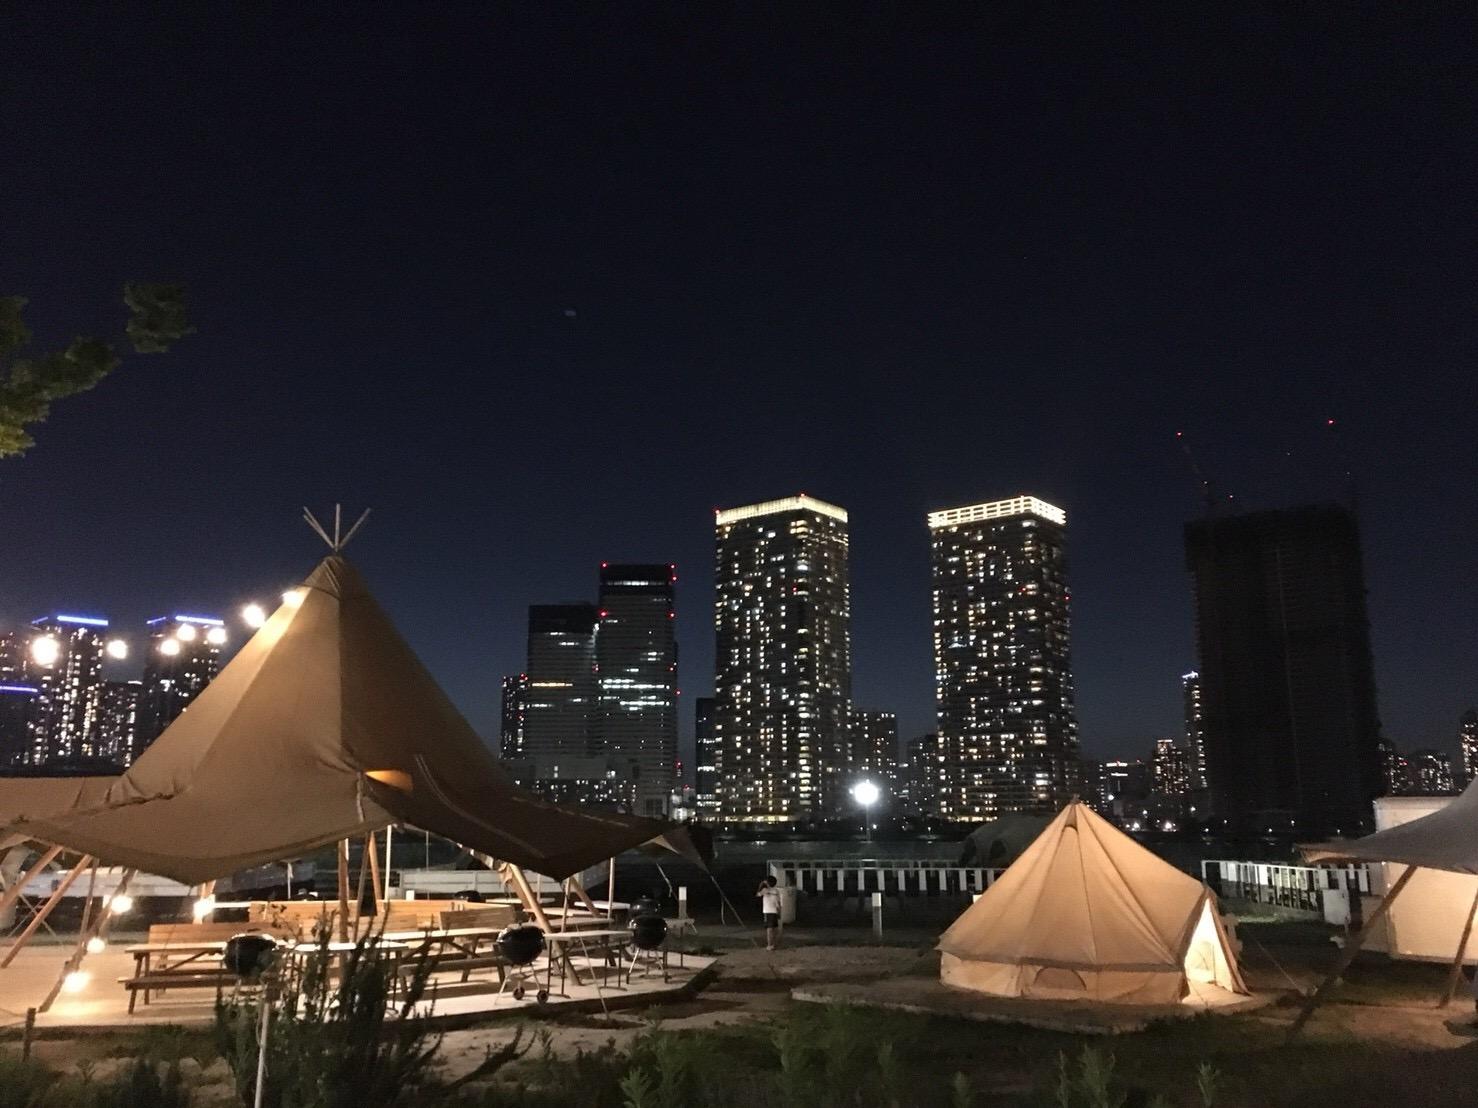 真夏の夜のBBQ 〜夜景×キャンプファイヤー×グランピング〜